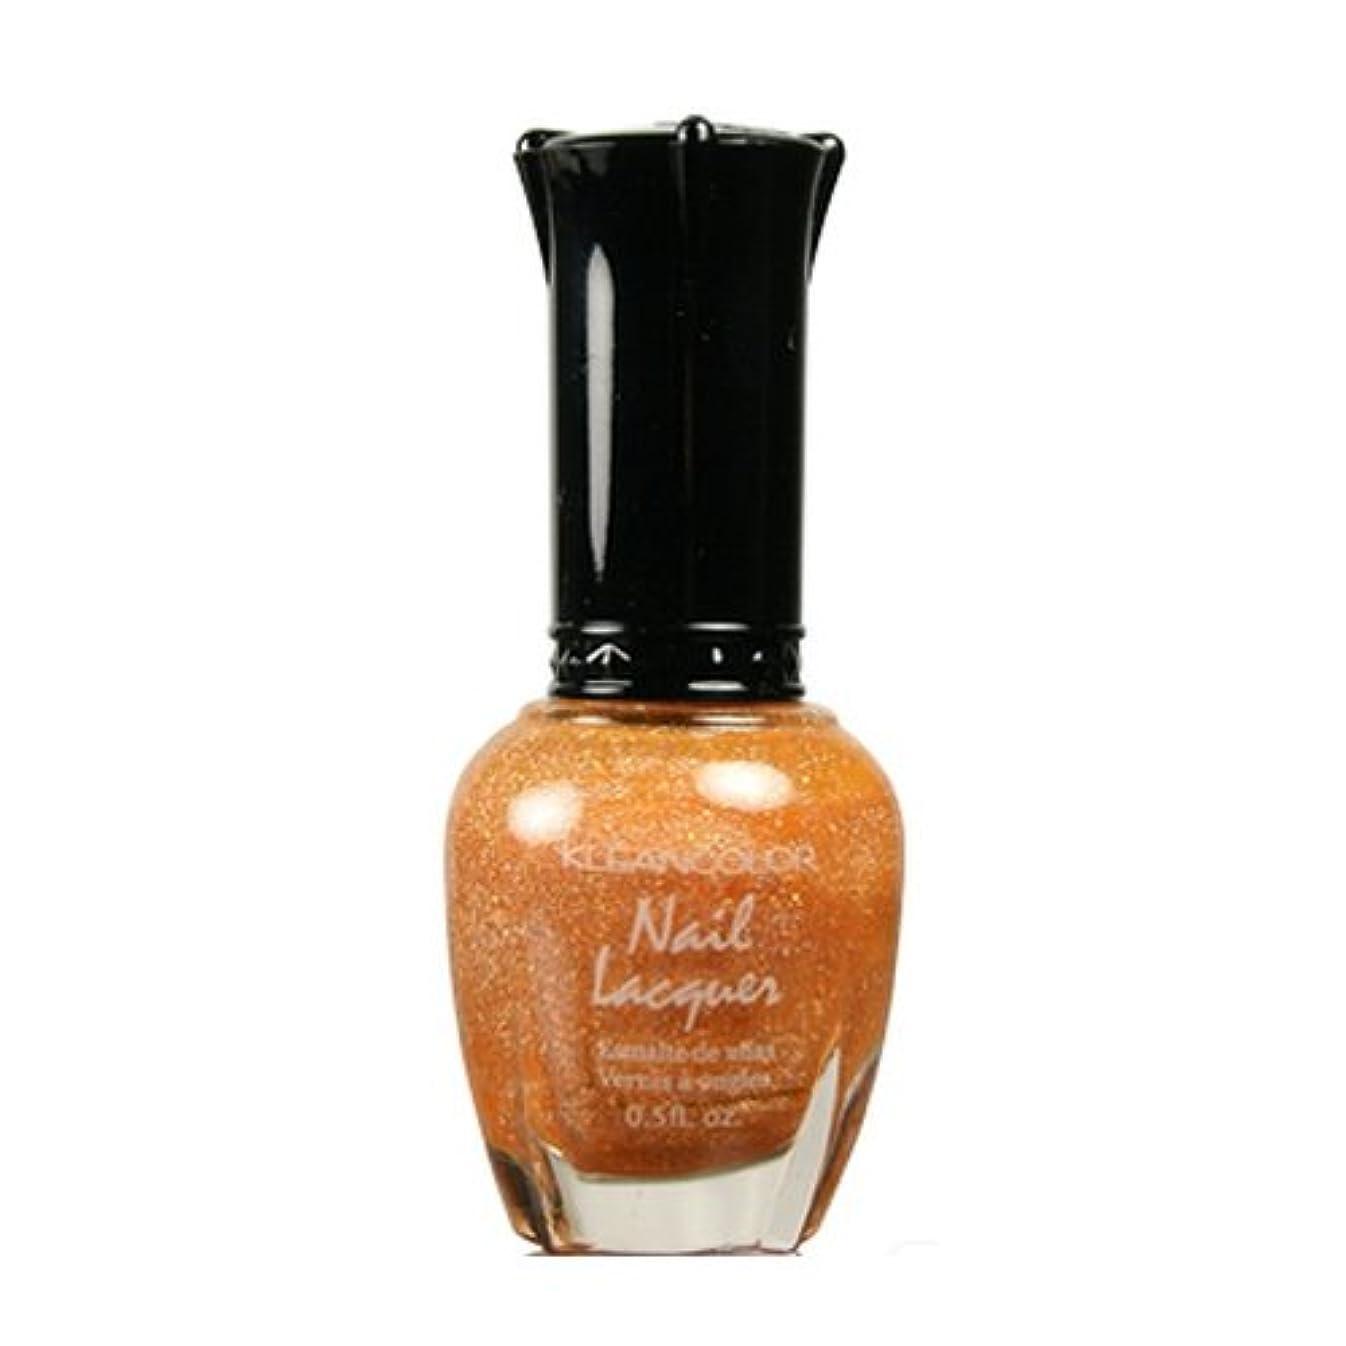 バックグラウンド瞑想法律によりKLEANCOLOR Nail Lacquer 3 - Holo Orange (並行輸入品)